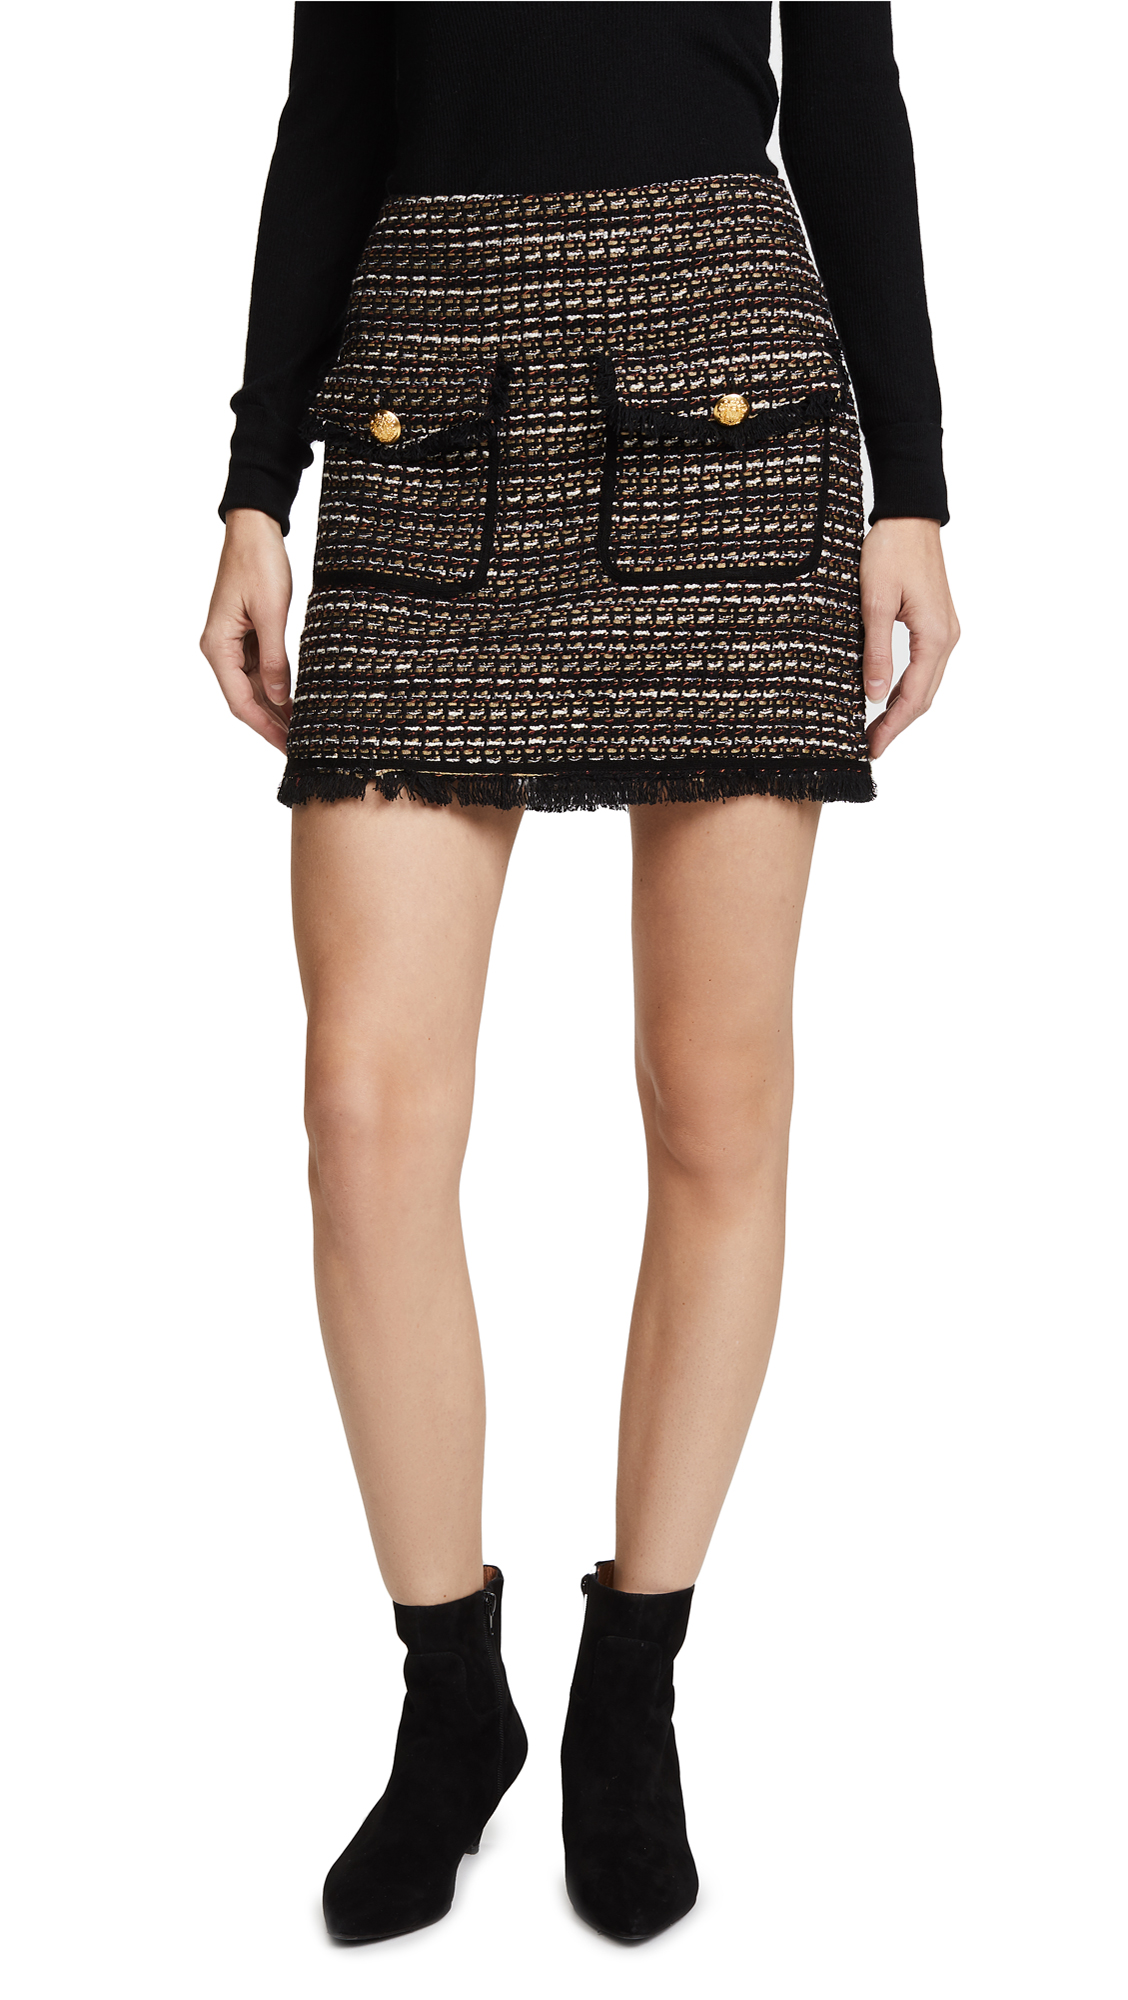 Veronica Beard Margot Skirt - Black/White/Gold